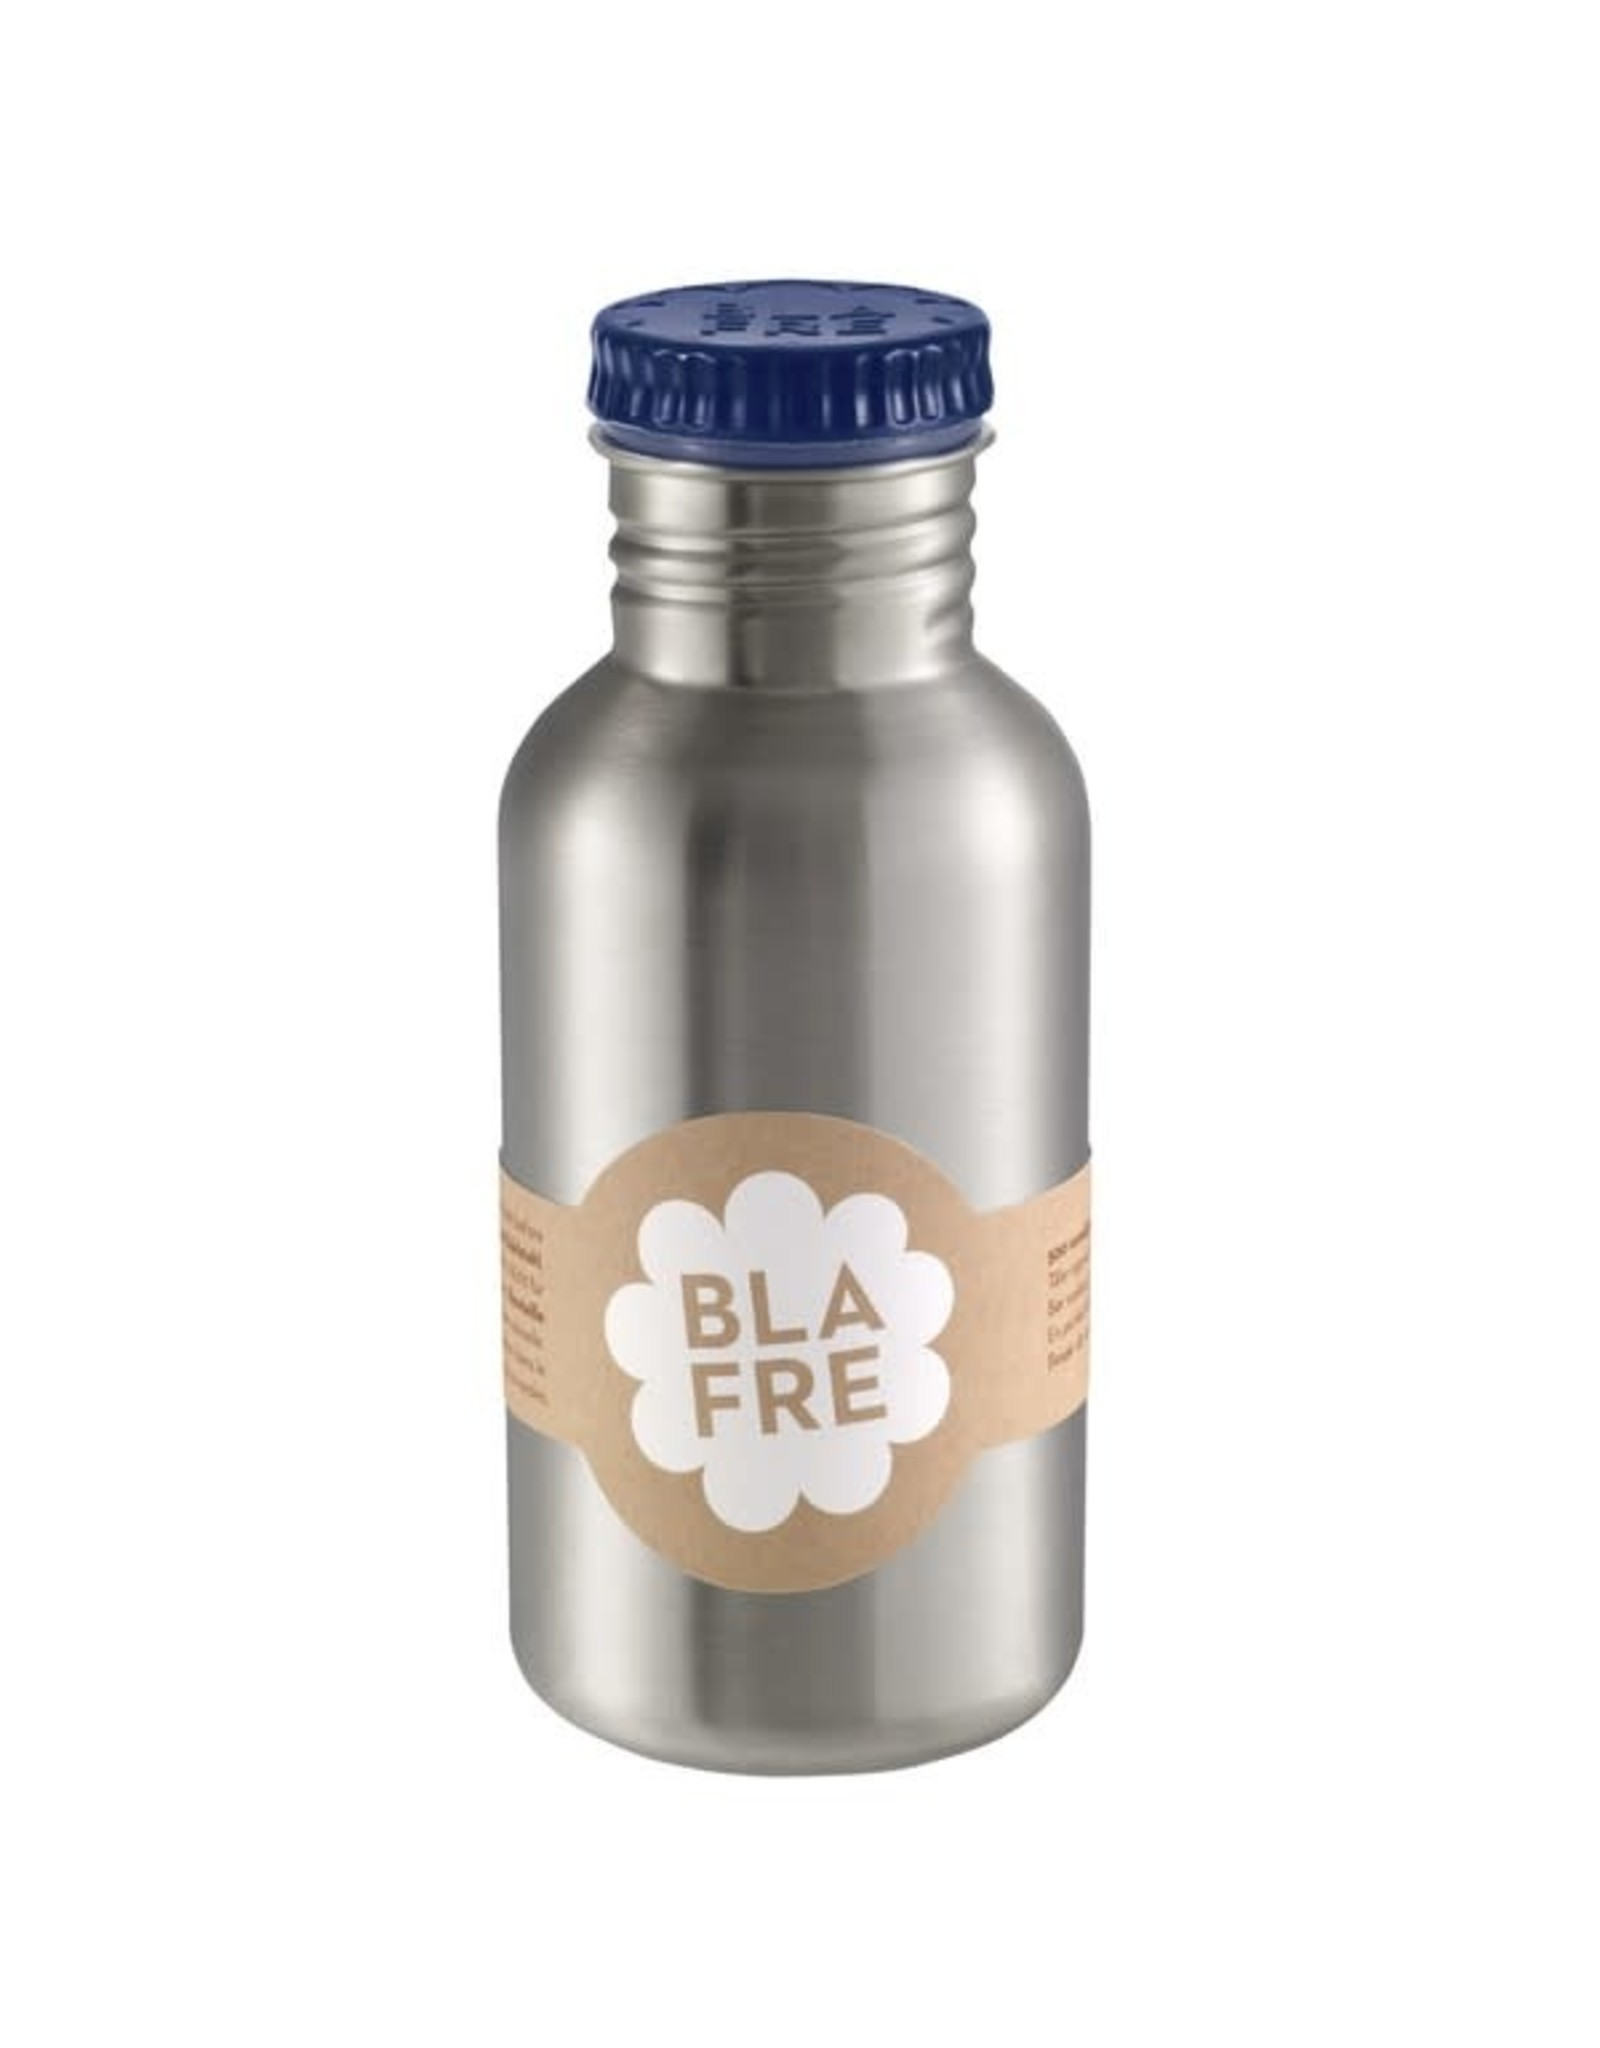 Blafre Blafre Drinkfles 500ml Donker Blauw